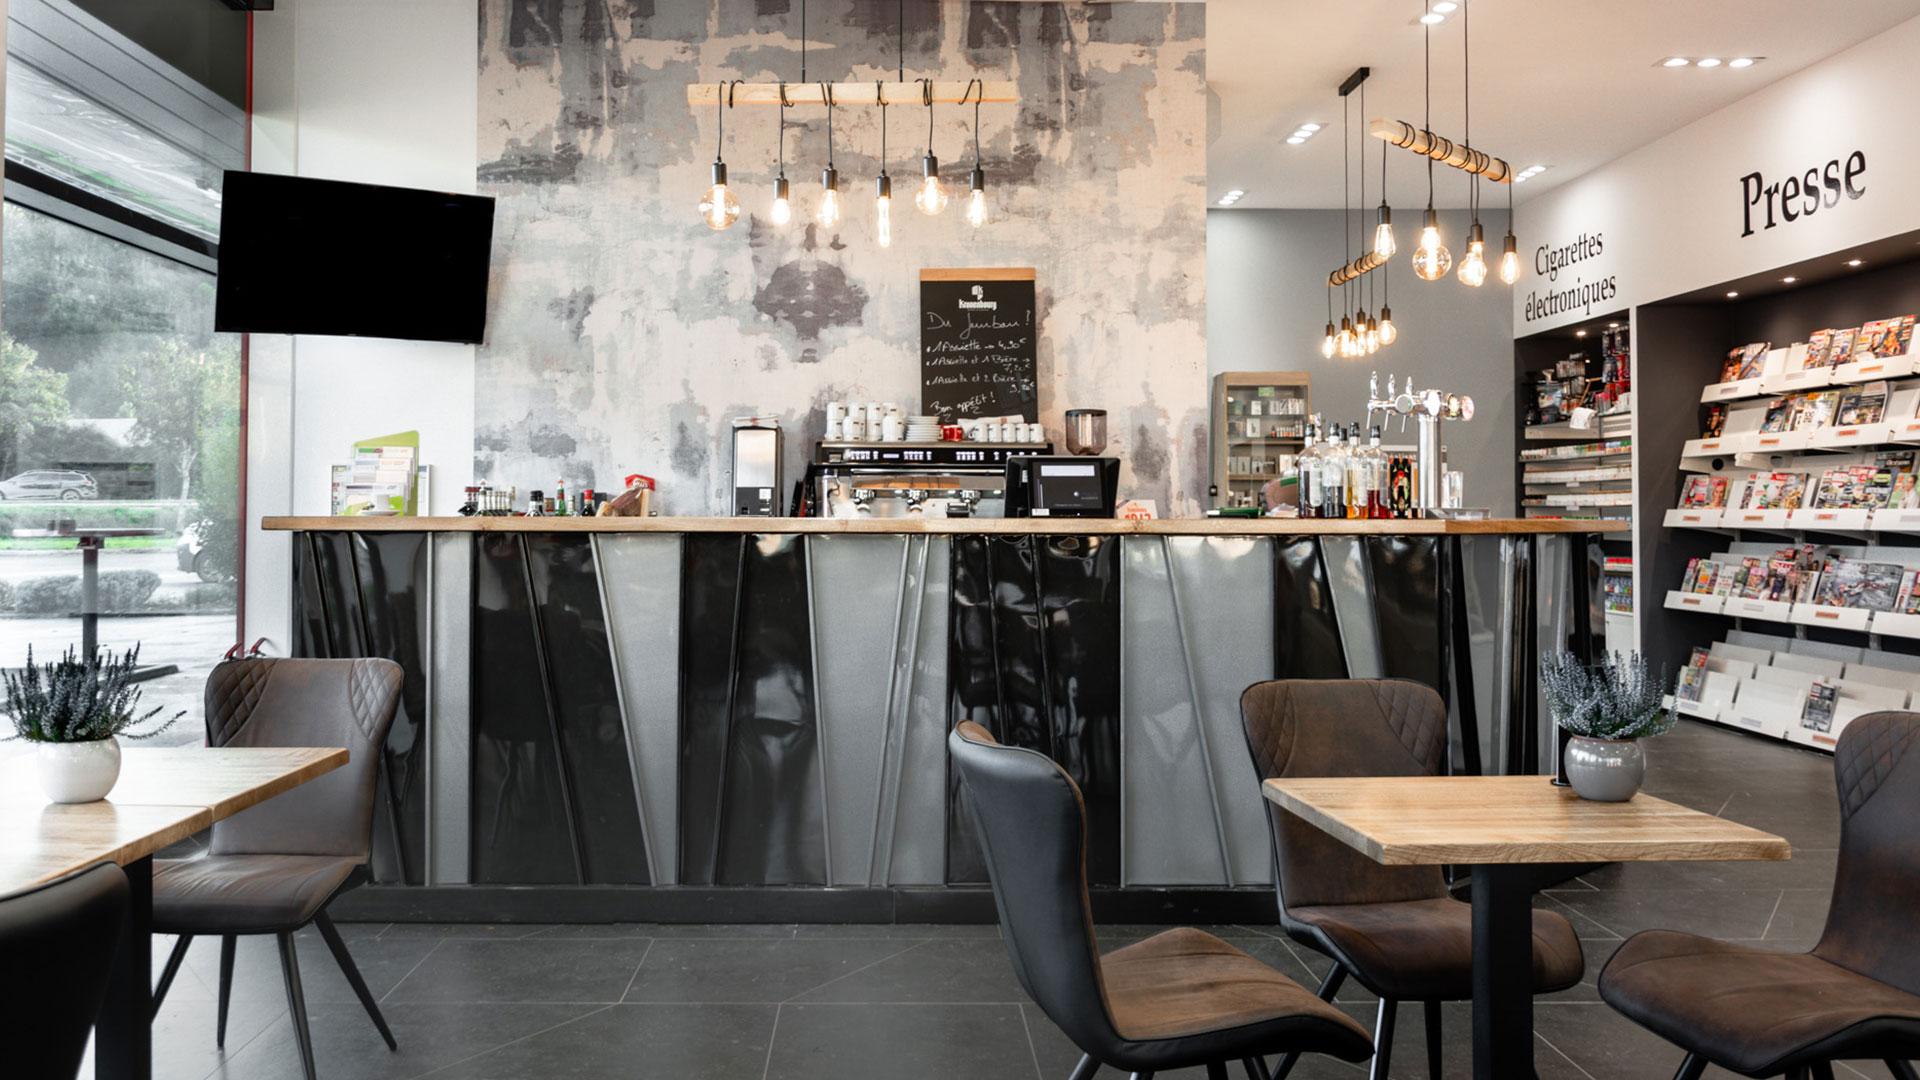 Vue sur le bar, décoration industrielle.